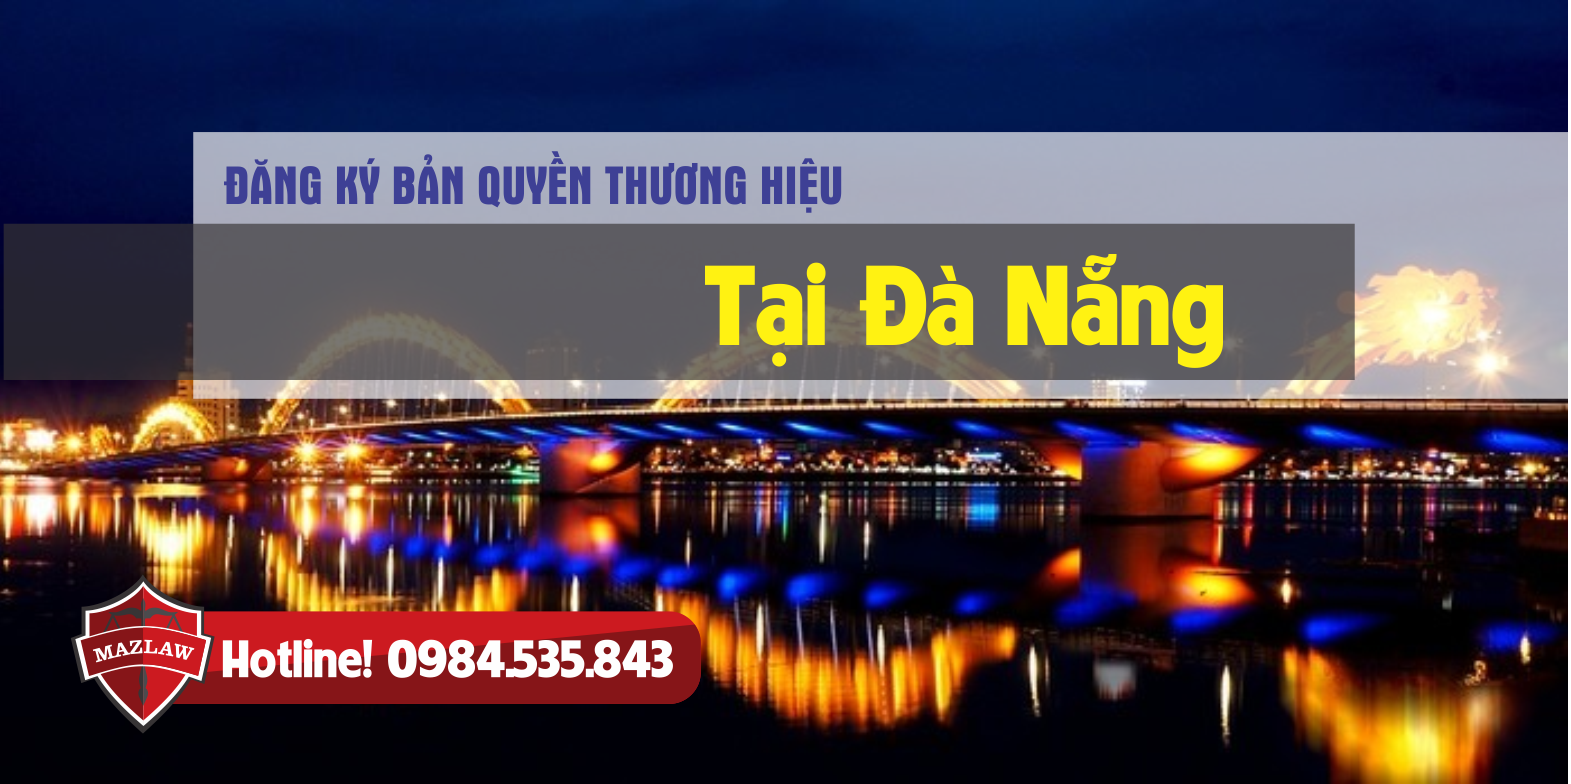 Đăng ký bản quyền thương hiệu tại Đà Nẵng